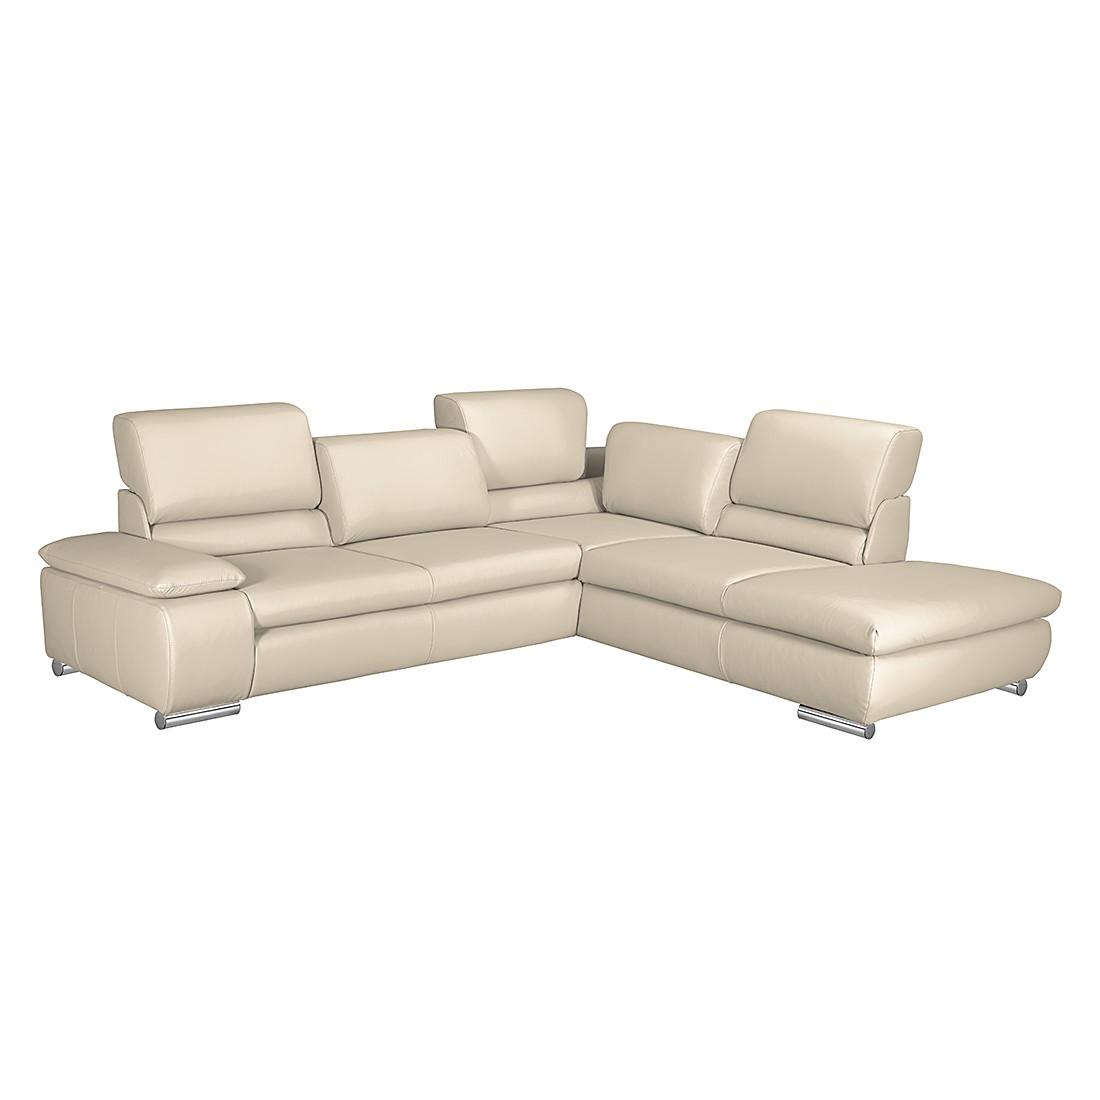 ecksofa taupe inspirierendes design f r wohnm bel. Black Bedroom Furniture Sets. Home Design Ideas